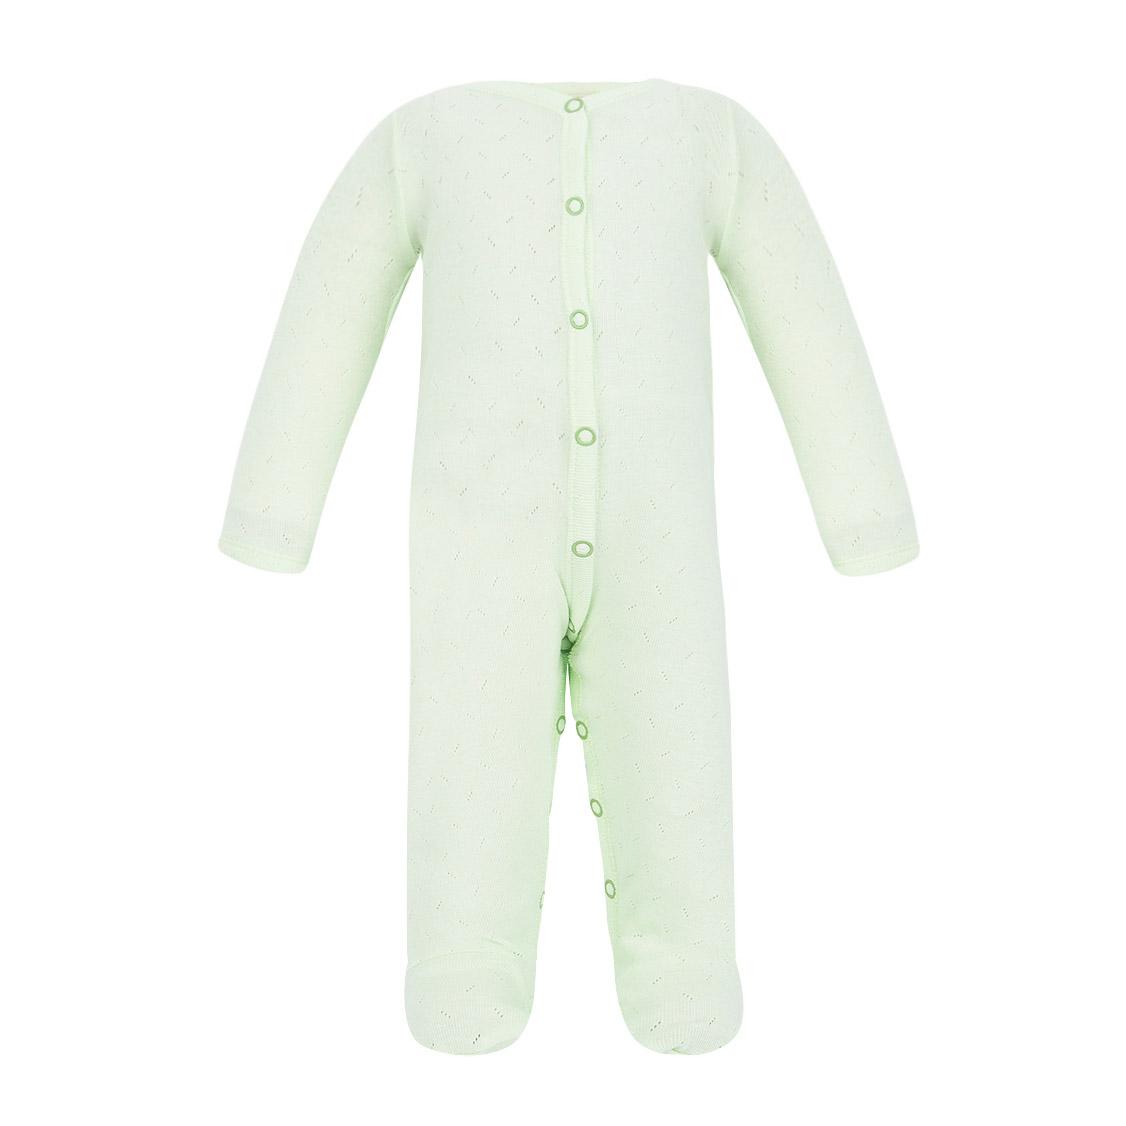 Фото - Комбинезон Ажур зеленый 74-80 футболка lucky child ажур белая 74 80